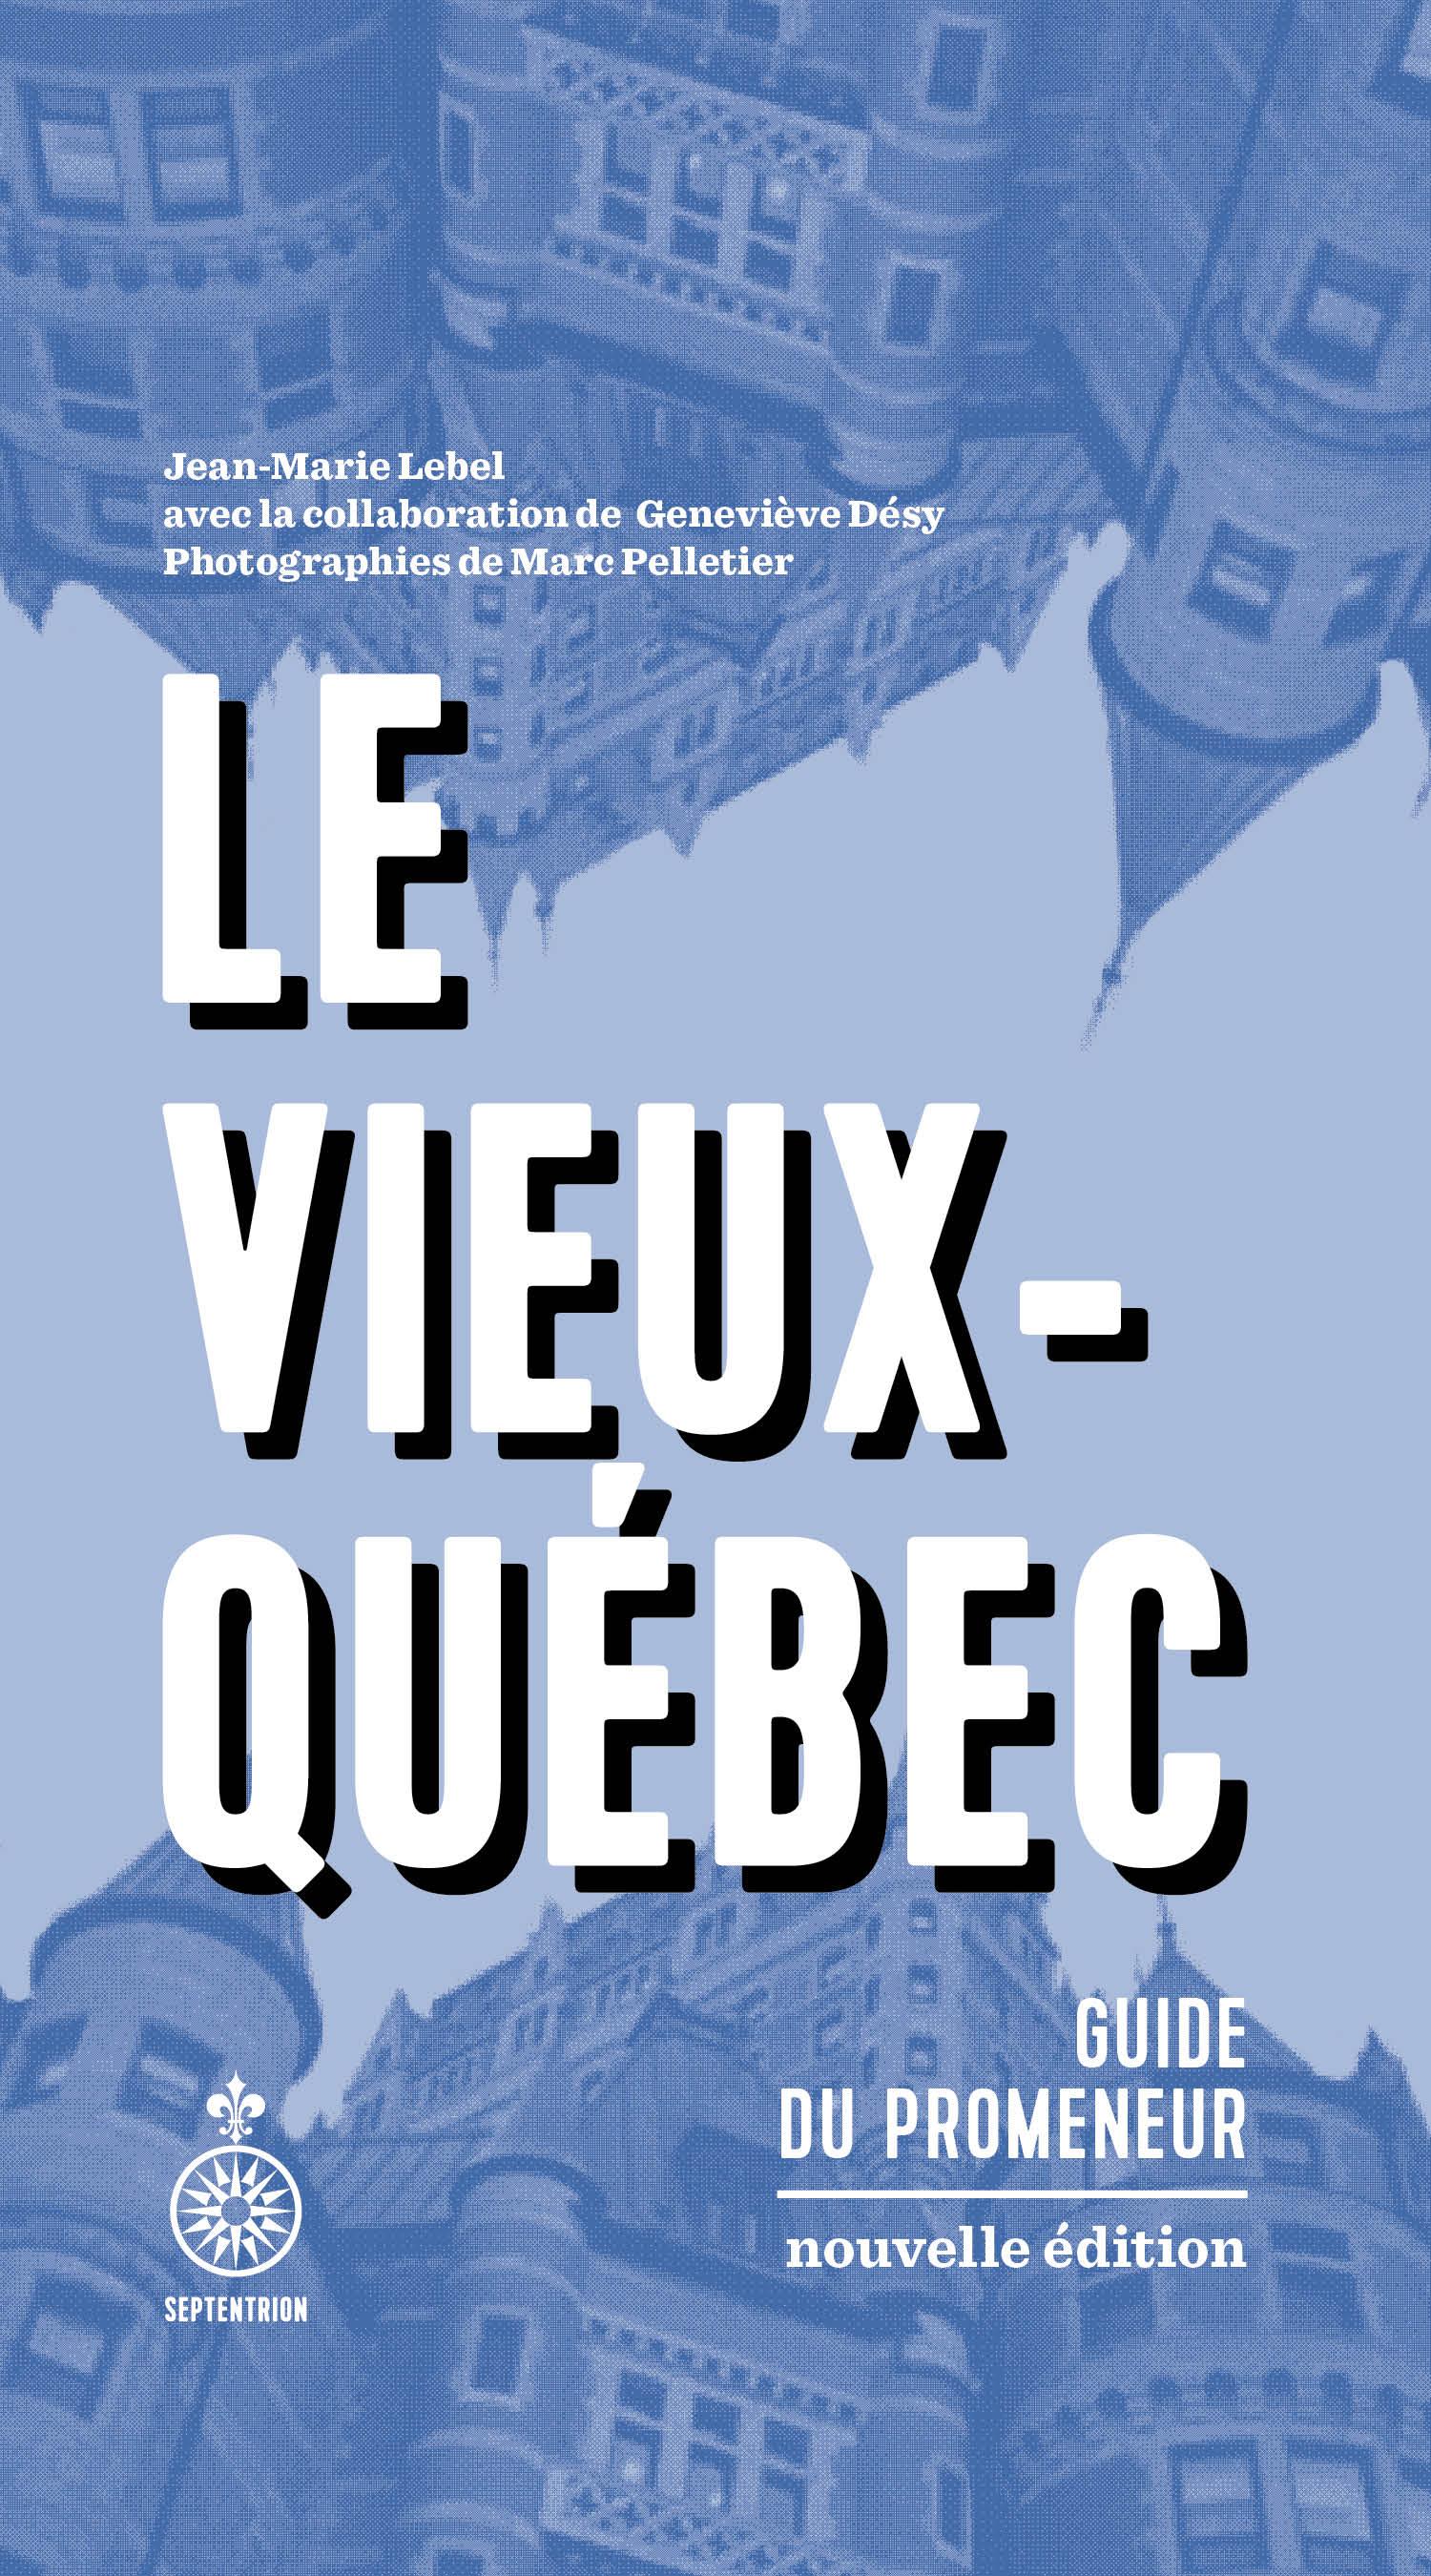 Couverture : Le Vieux-Québec: guide du promeneur Jean-marie Lebel, Geneviève Désy